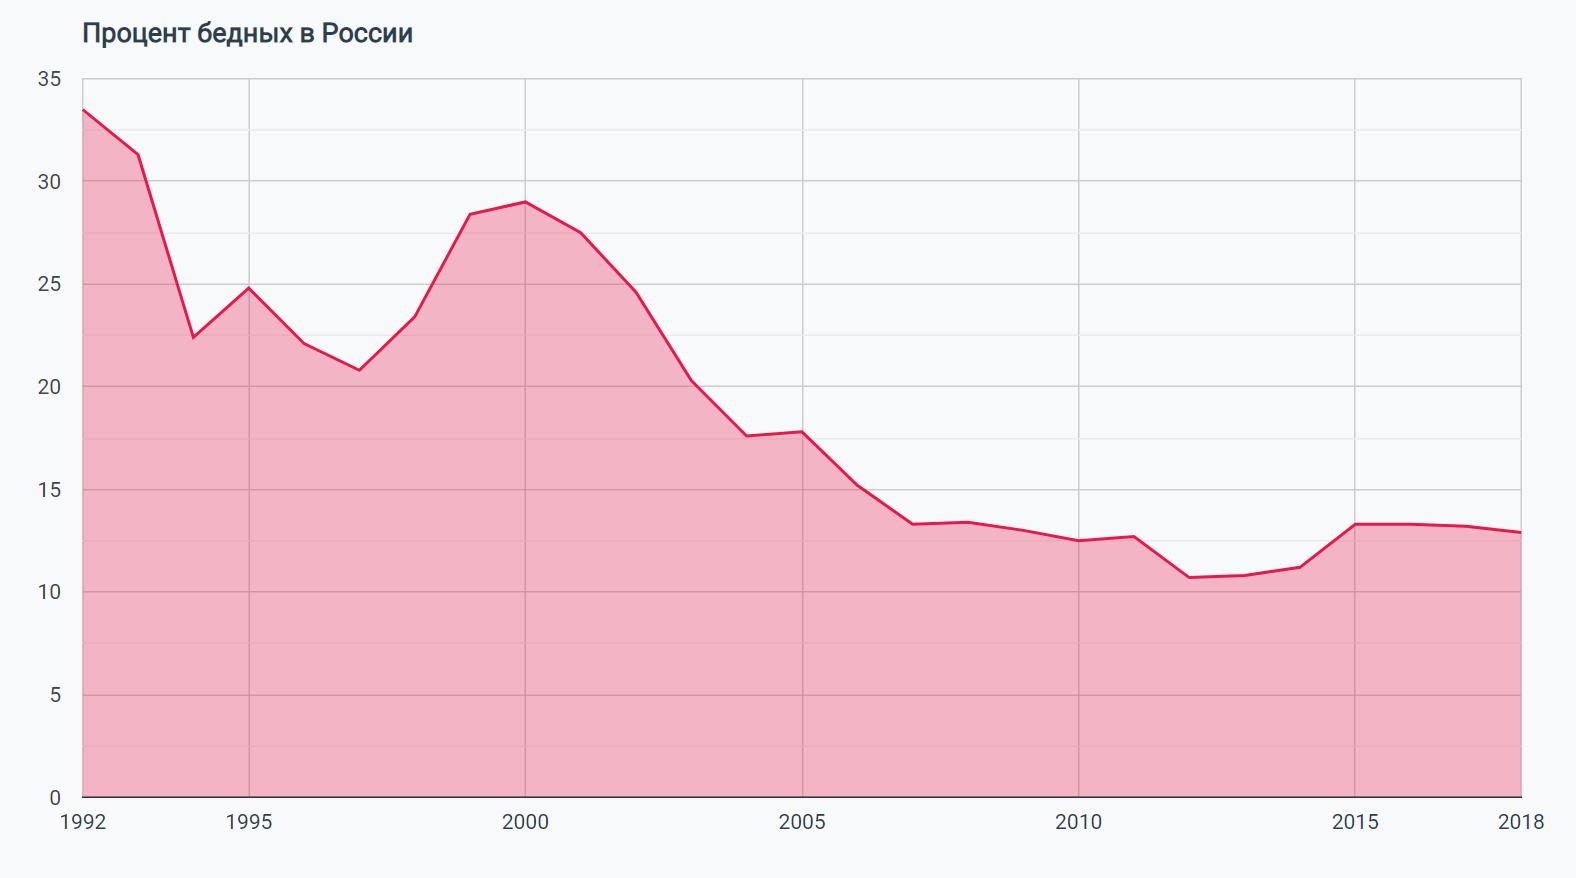 бедные в россии статистика одно самых